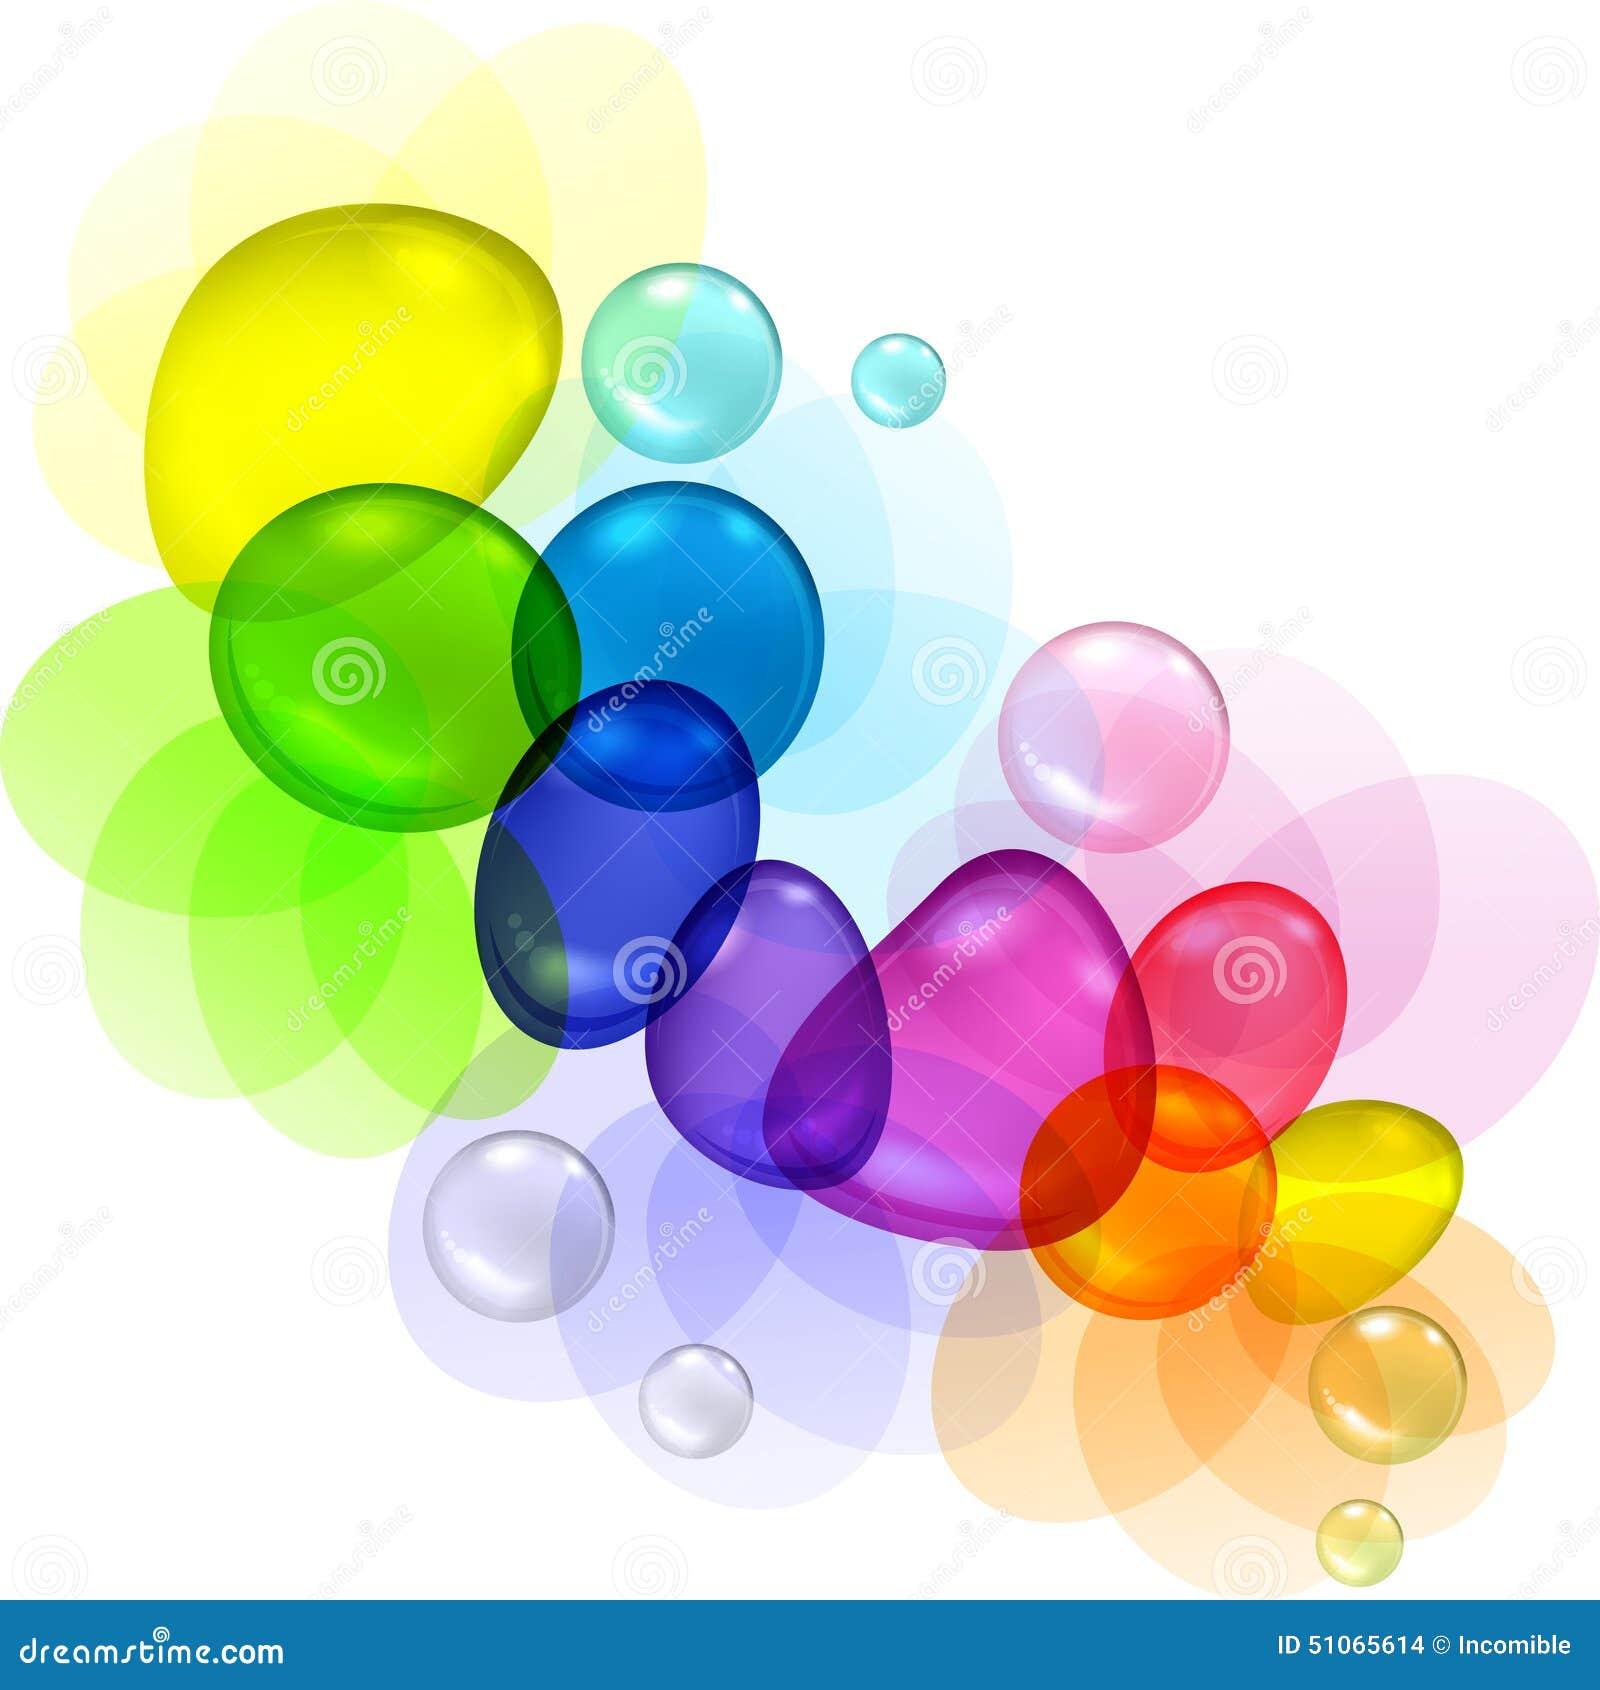 Ausgezeichnet Verwendung Der Farbzusammenfassung Fotos - Beispiel ...